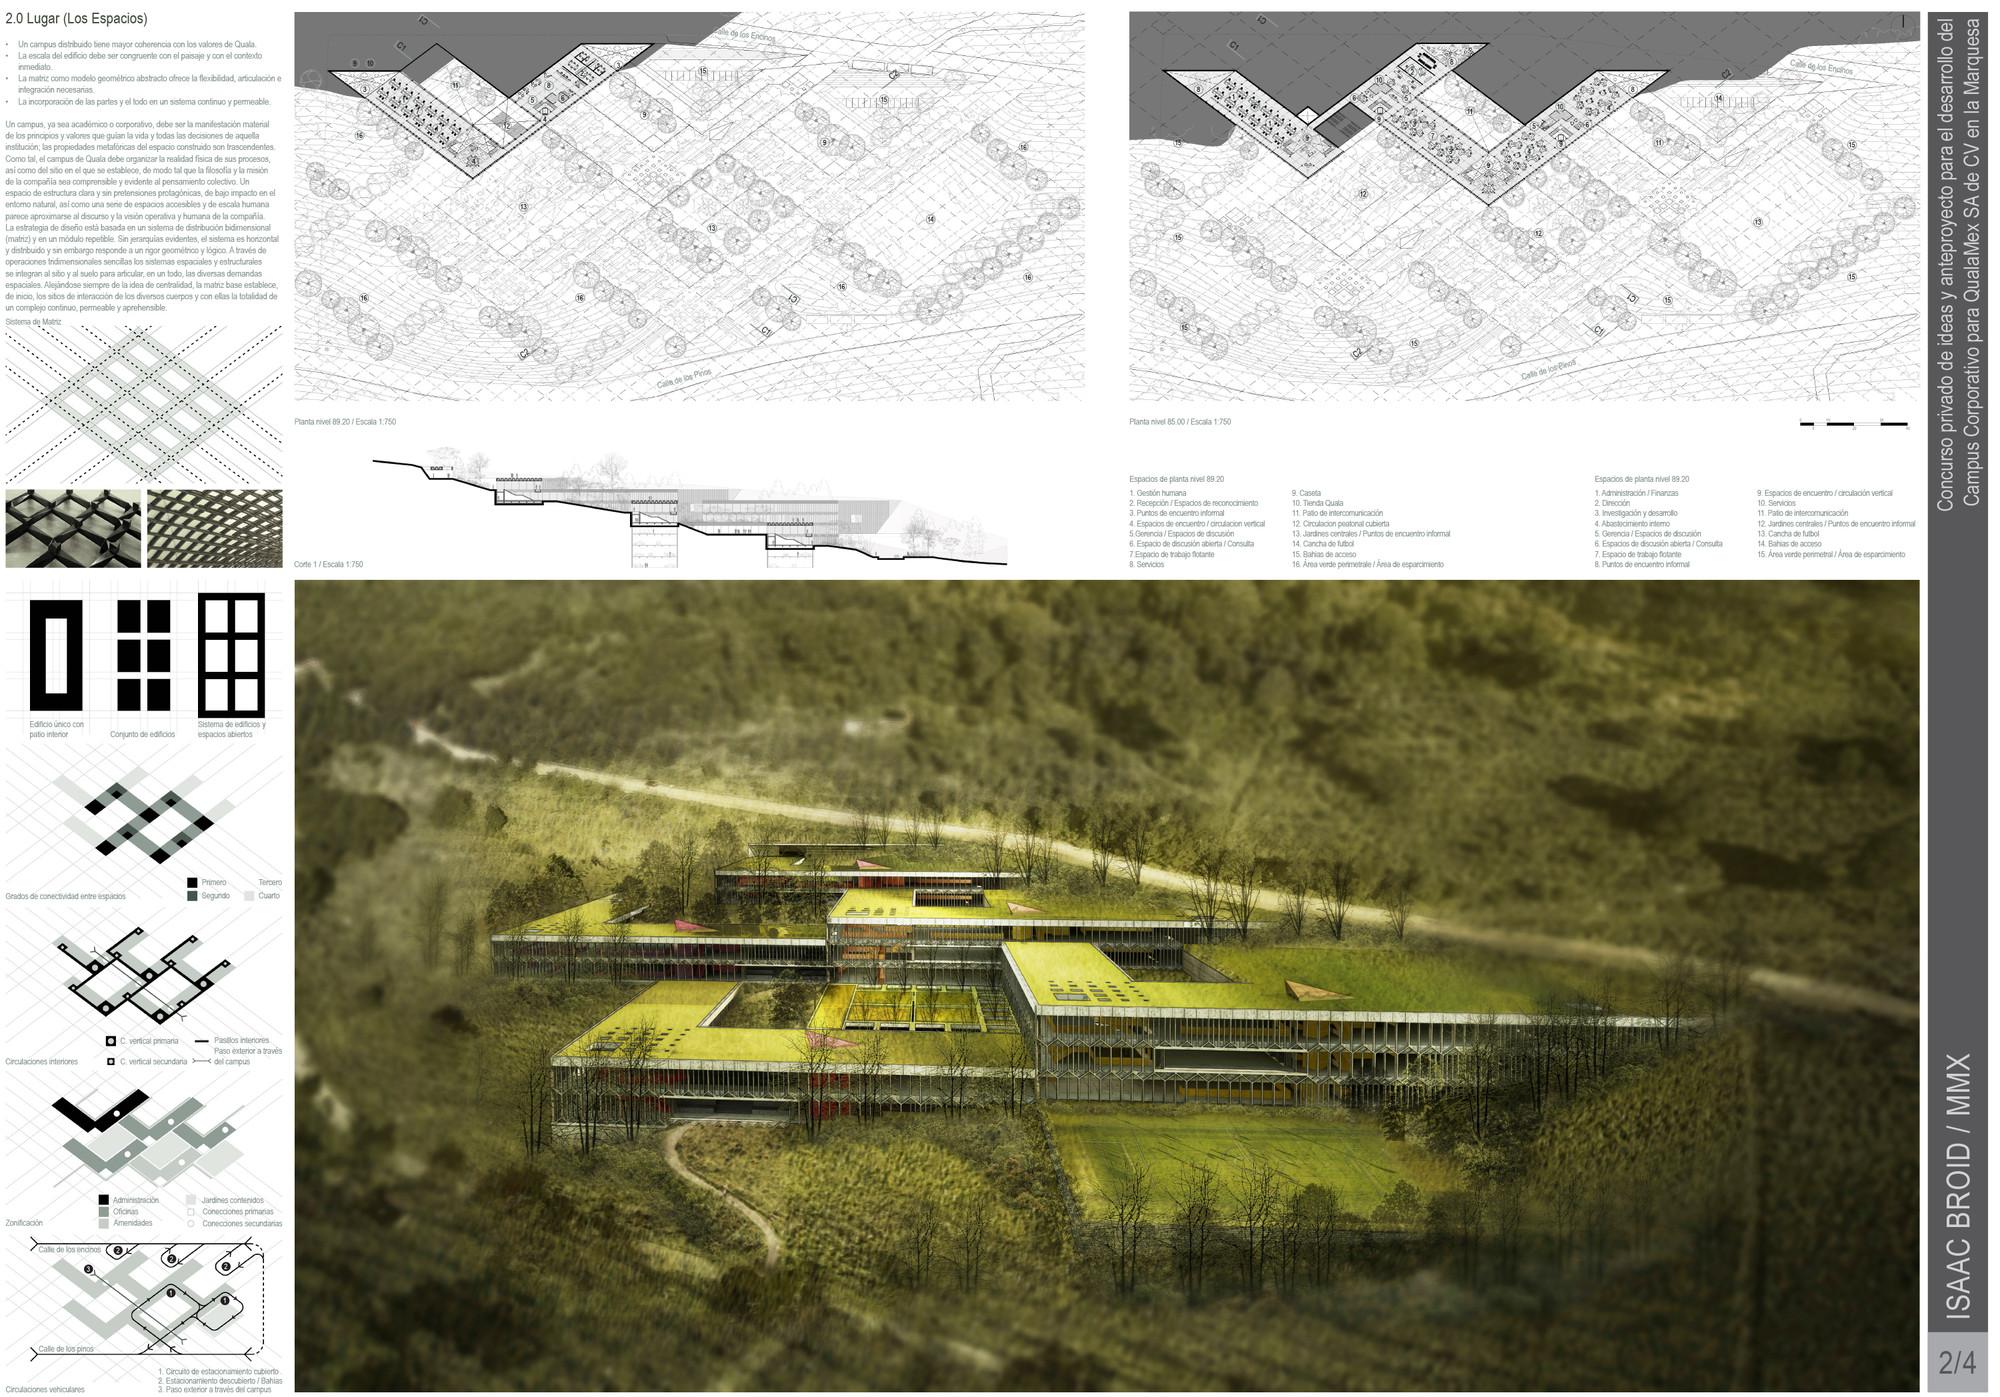 2.0 Lugar (Los Espacios). Image Courtesy of Estudio MMX & Isaac Broid